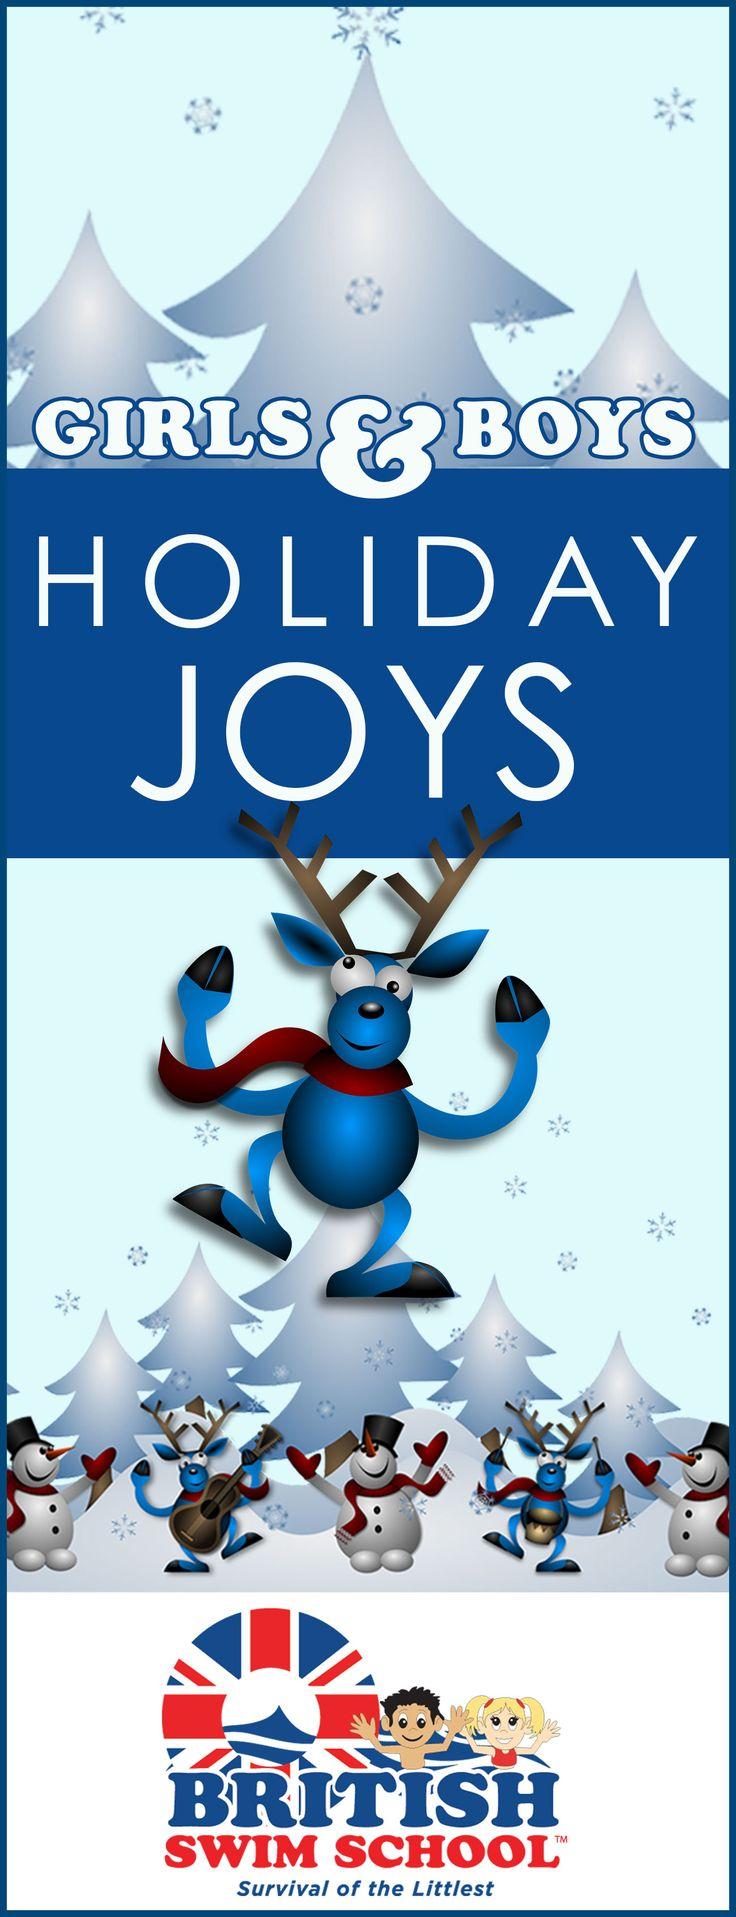 Holiday joys! #goswim